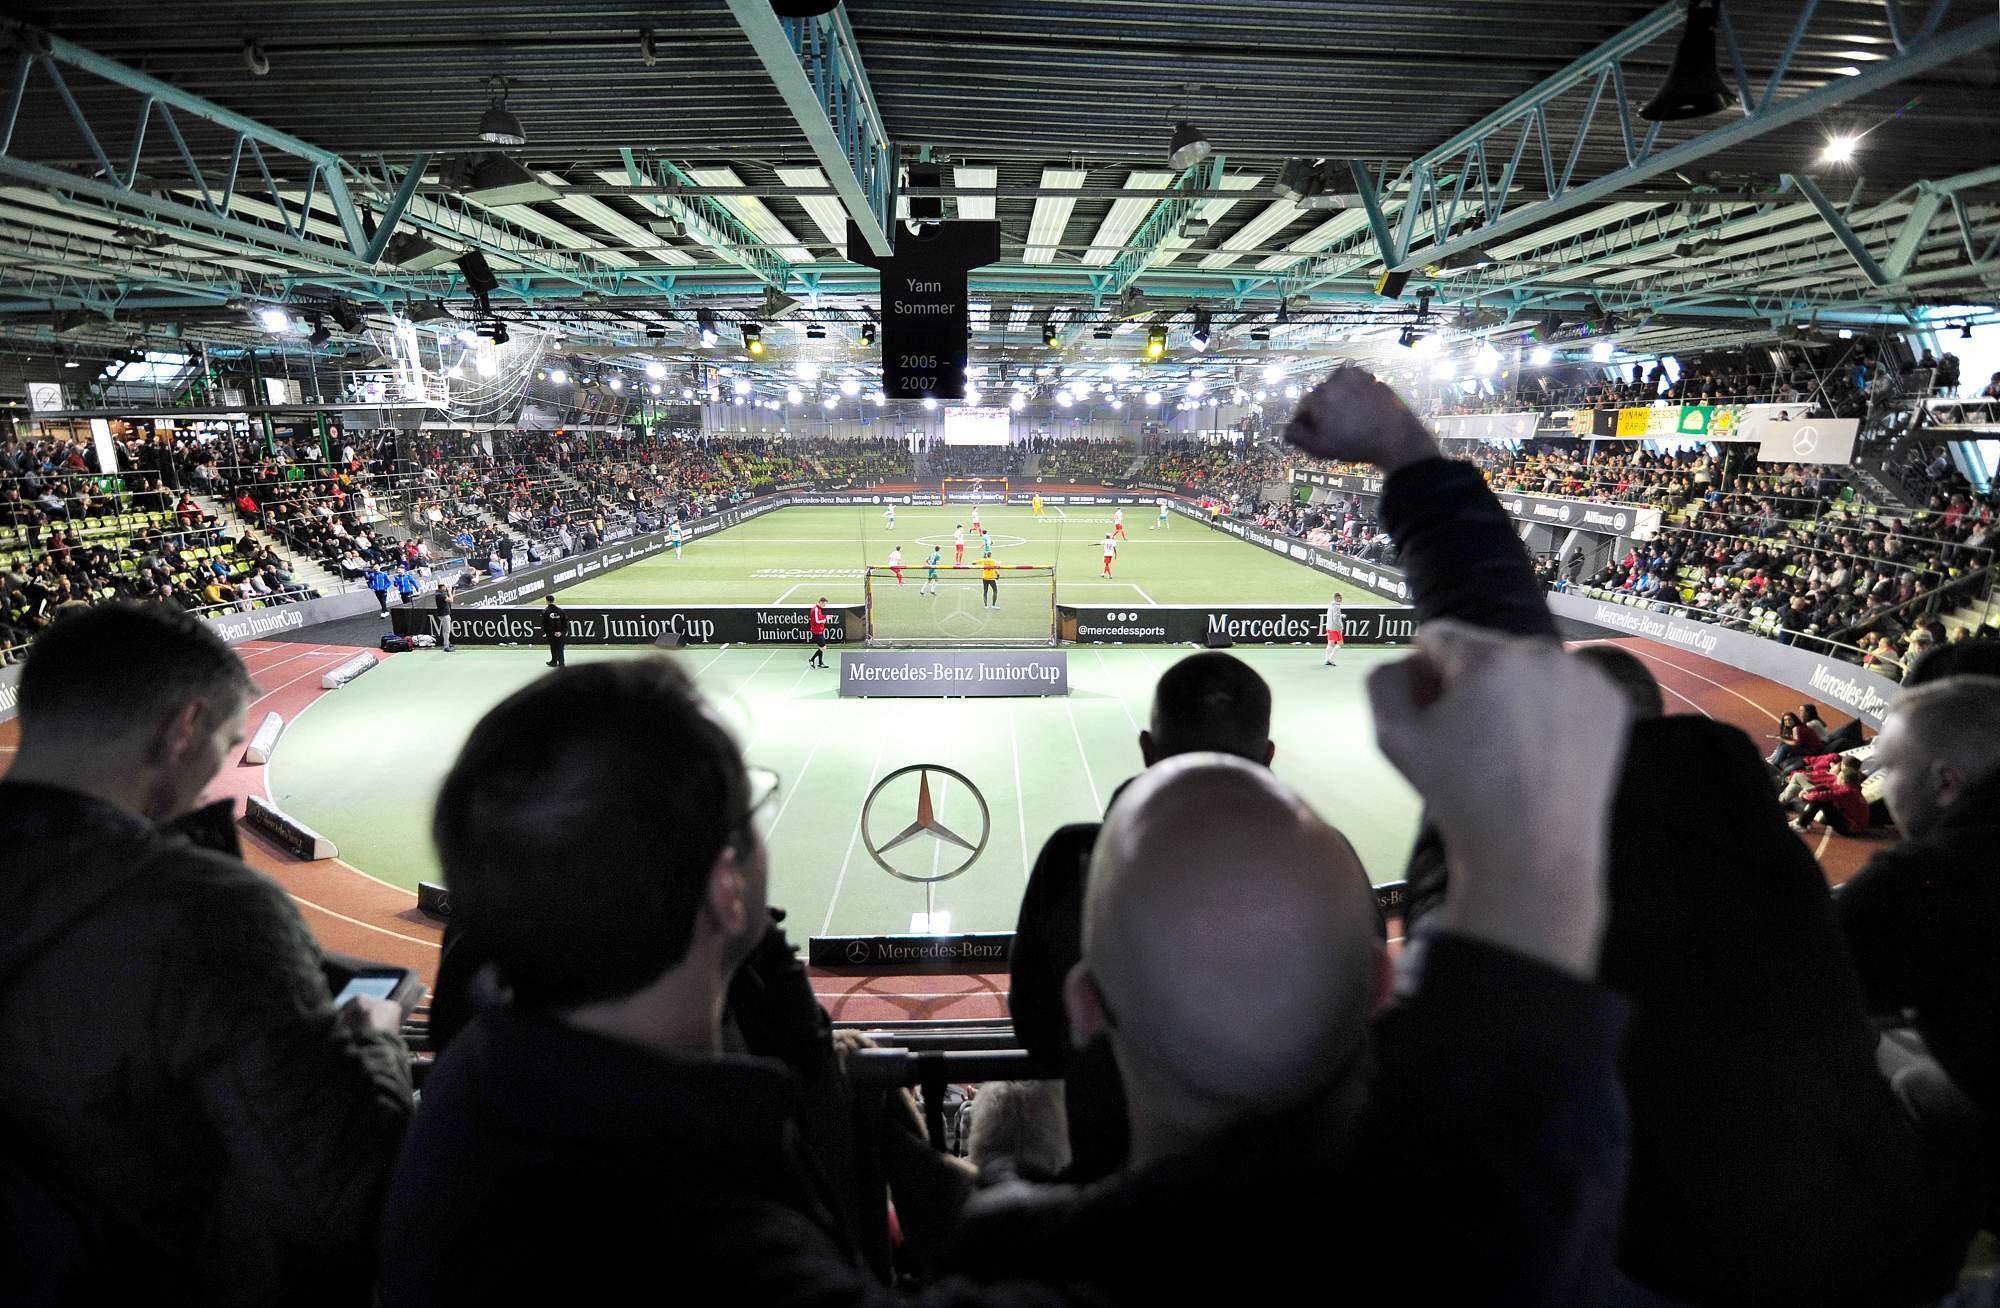 Mercedes Benz Junior Cup 2021